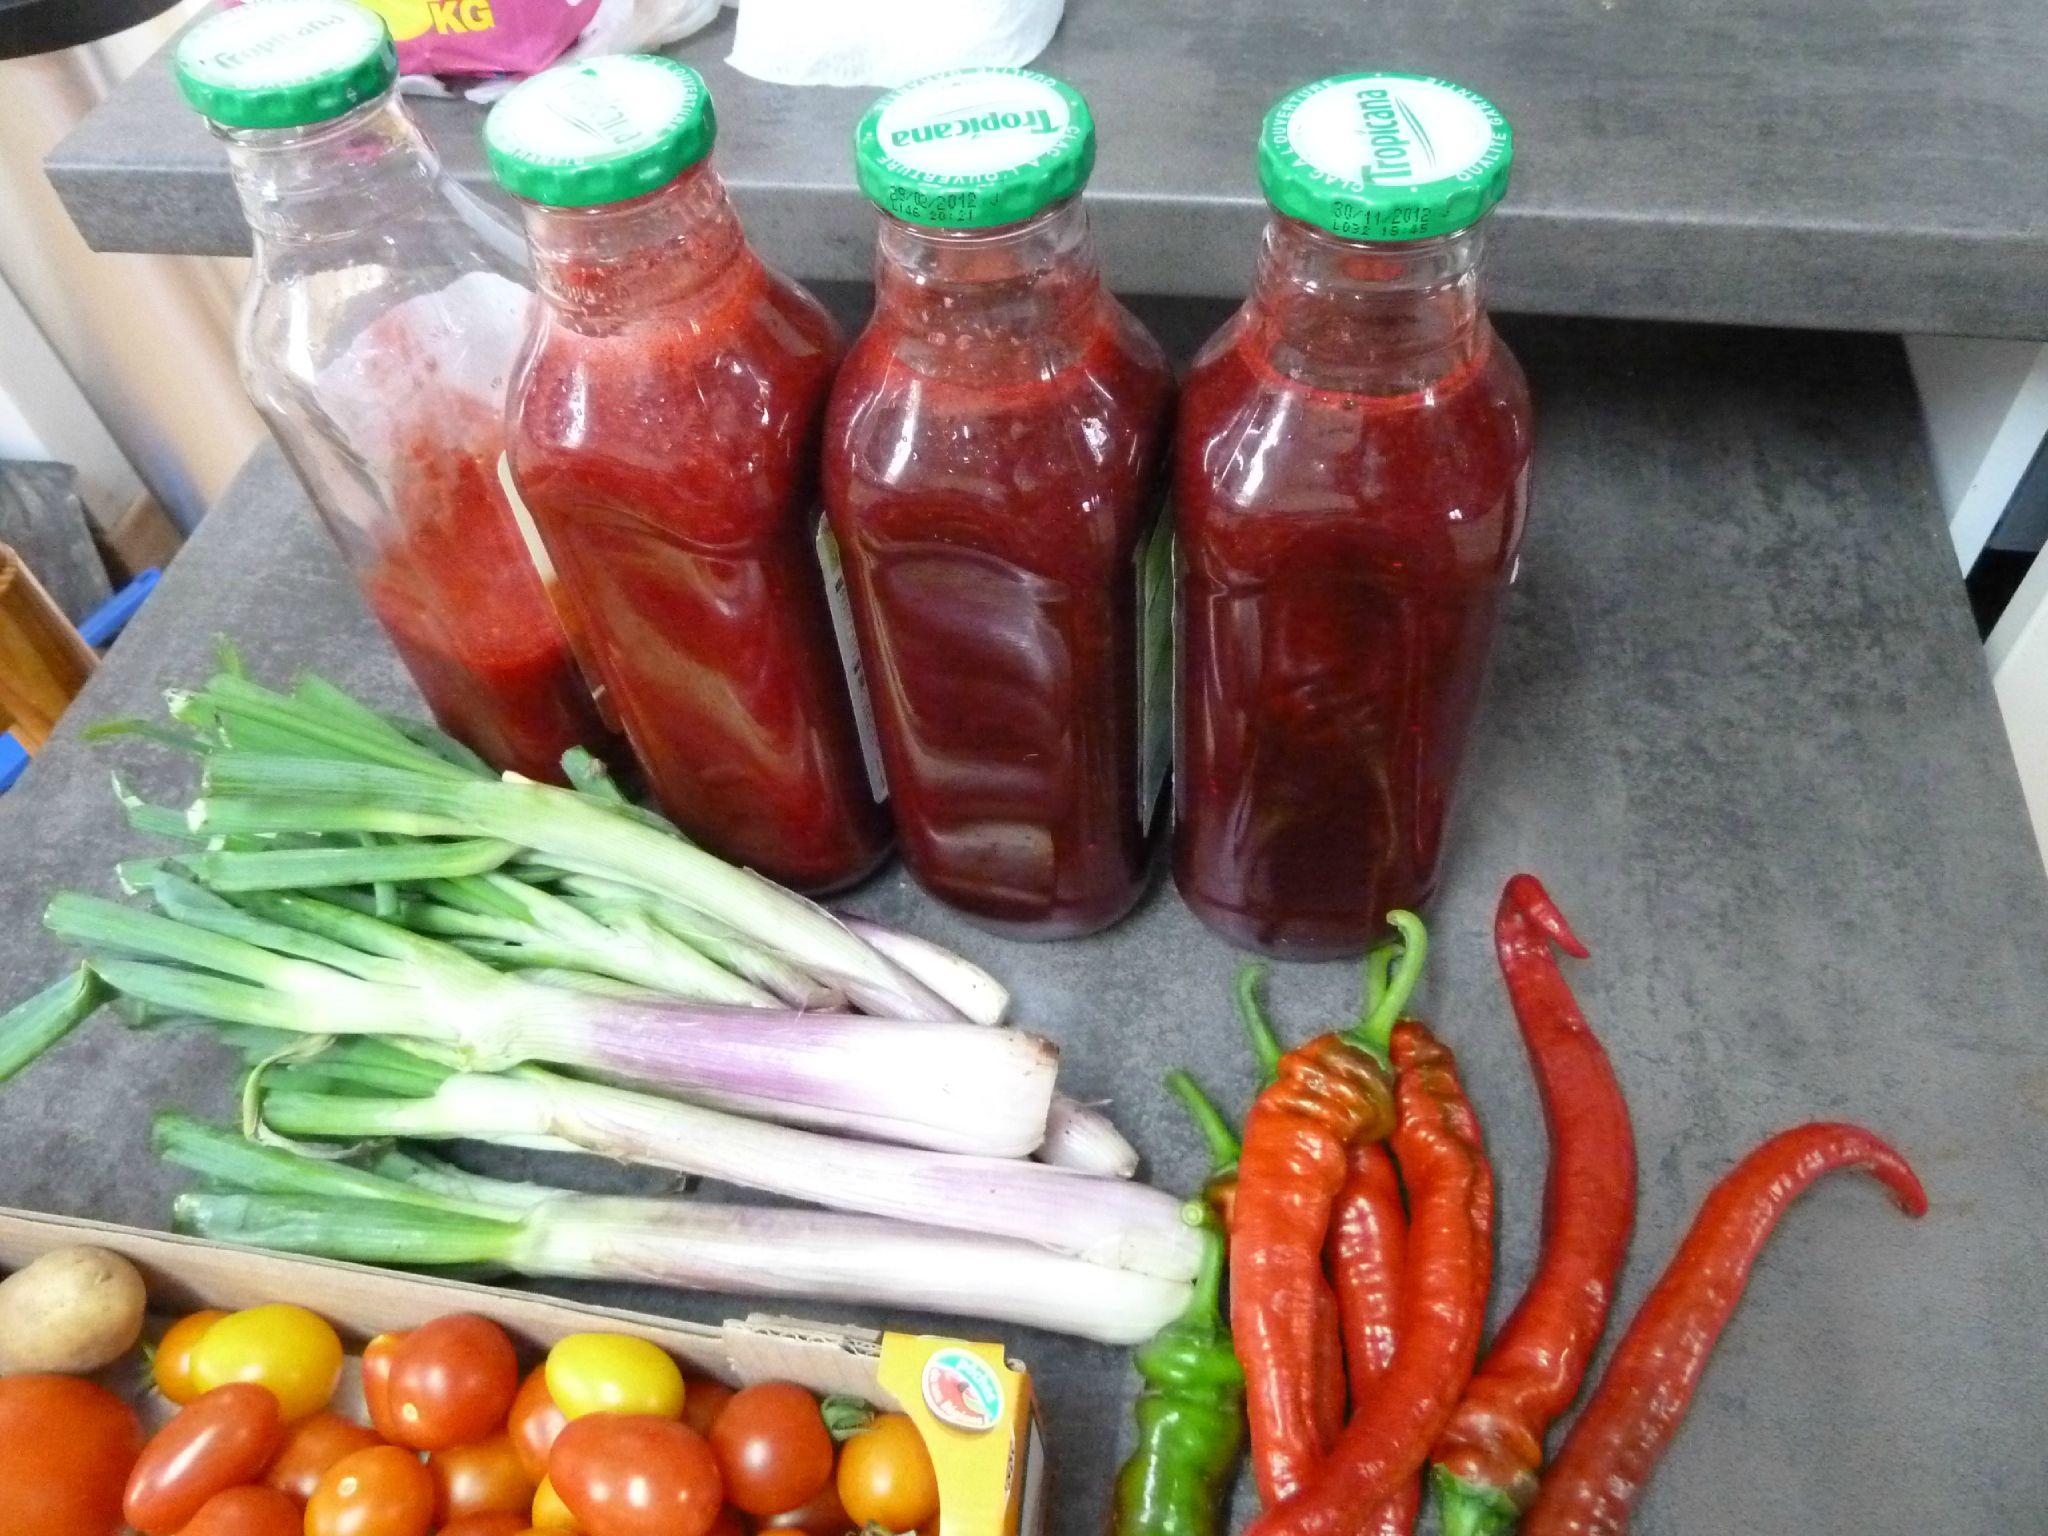 tomates, coulis de mûres et framboises, piments doux des landes, cives ou ciboules www.passionpotager.canalblog.com